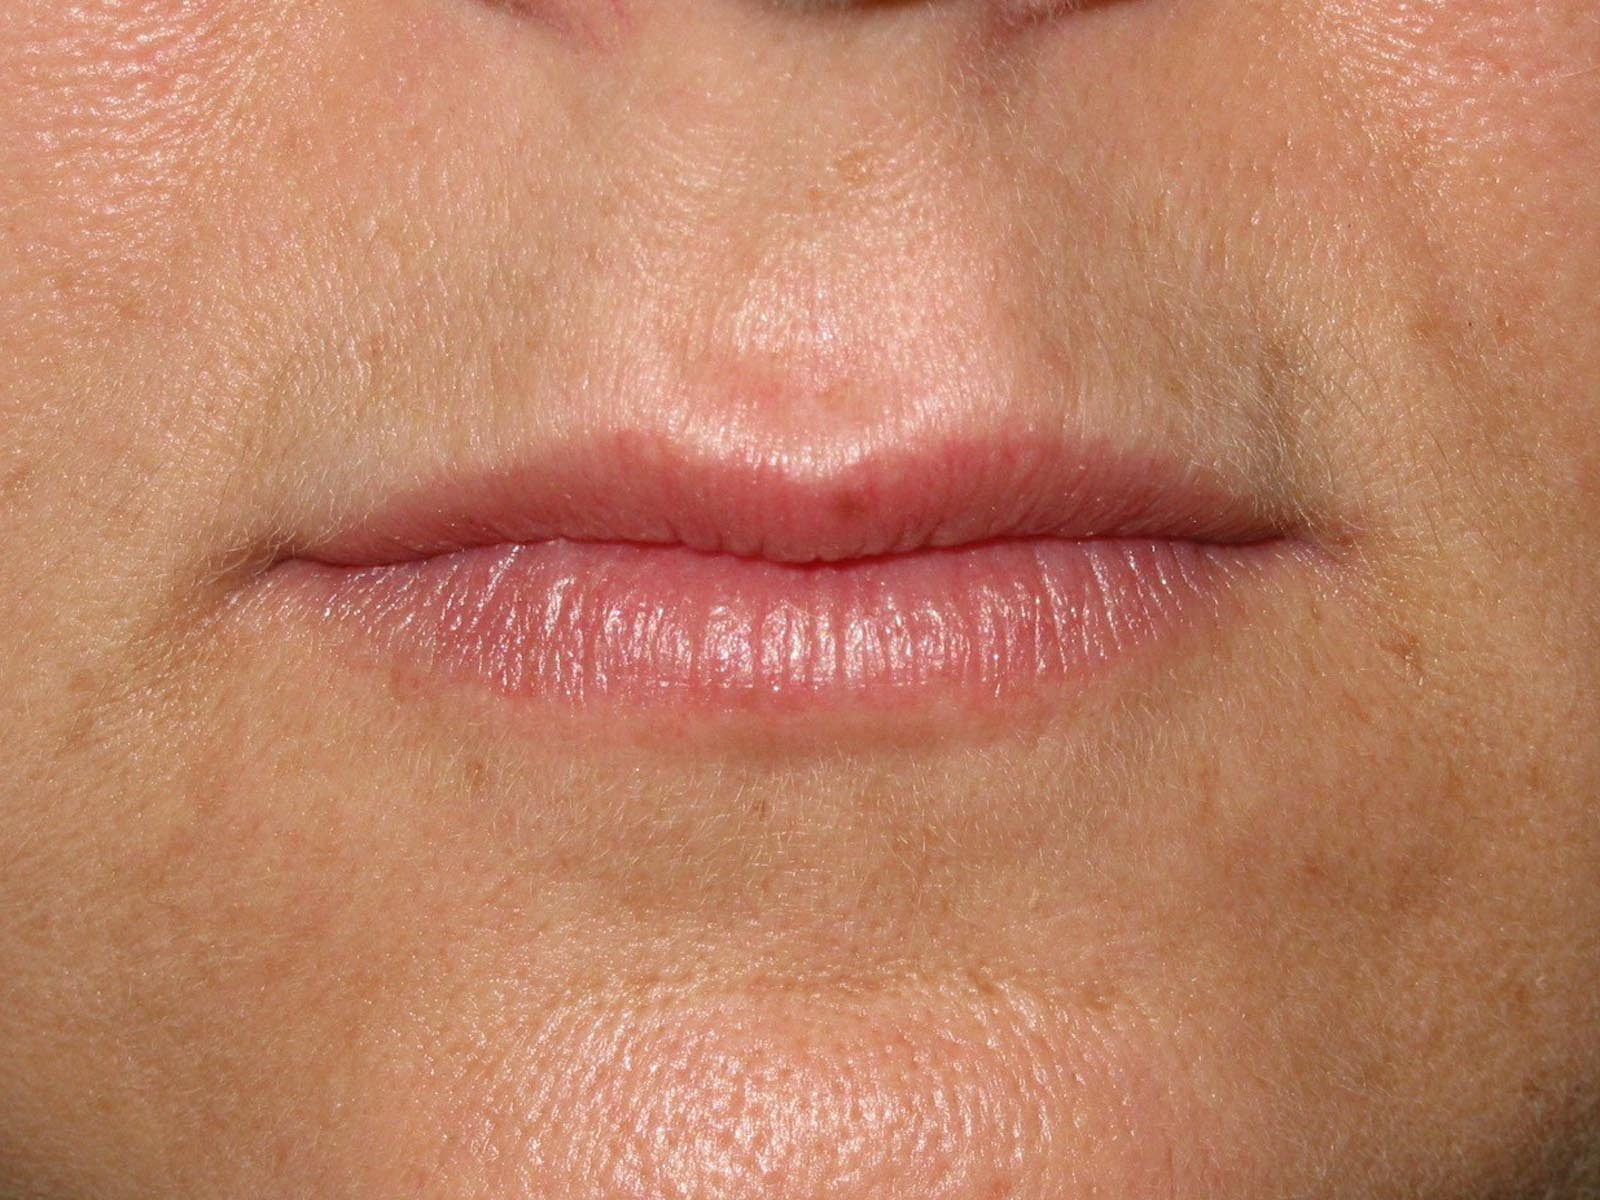 Картинки губ мужских, поздравления